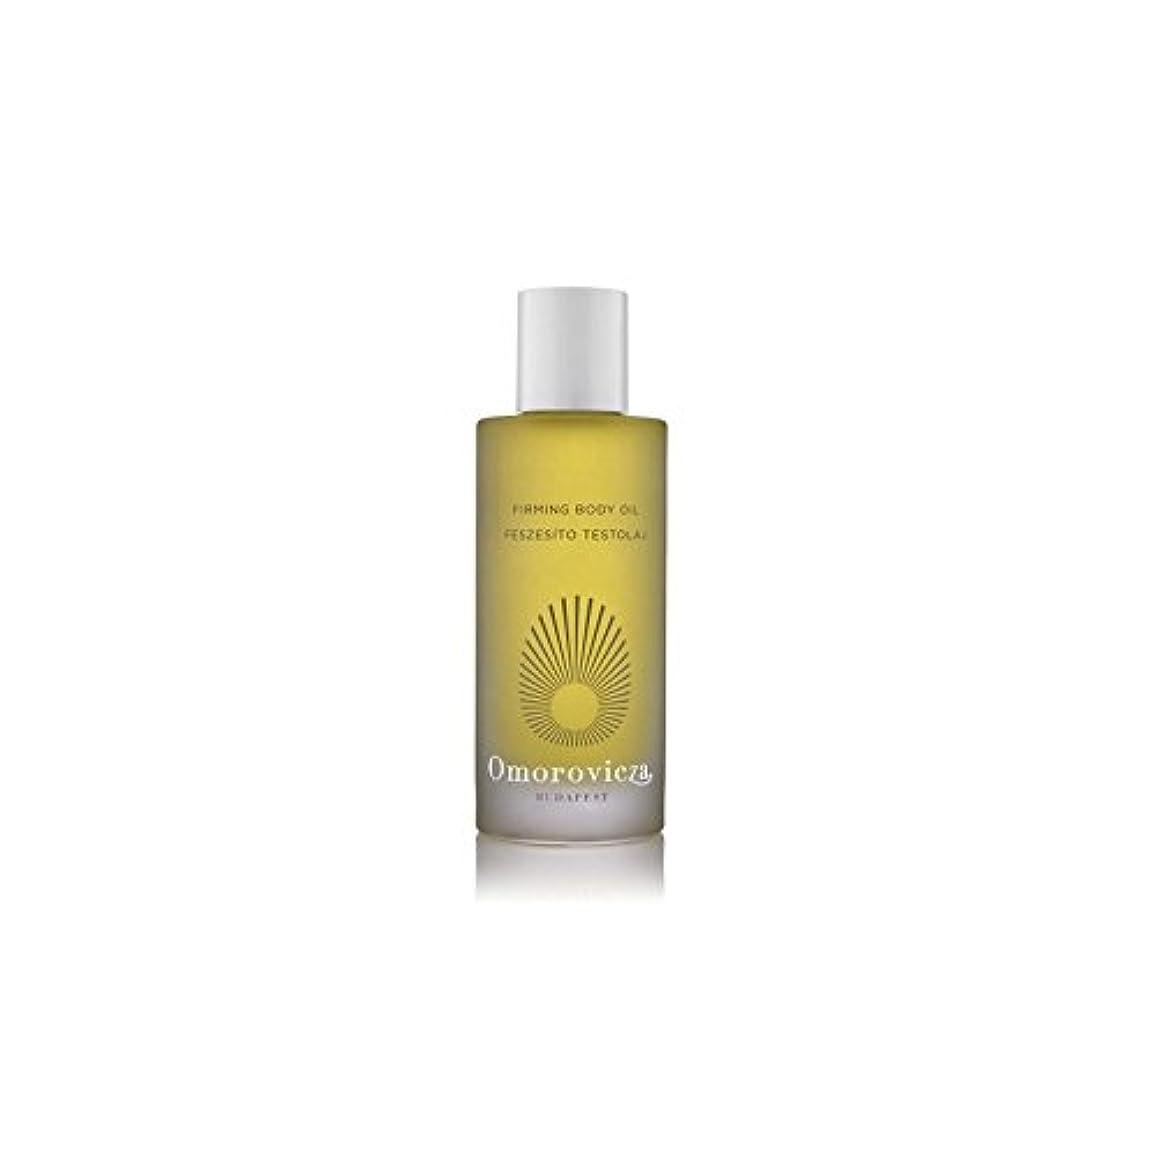 Omorovicza Firming Body Oil (100ml) - 引き締めボディオイル(100ミリリットル) [並行輸入品]